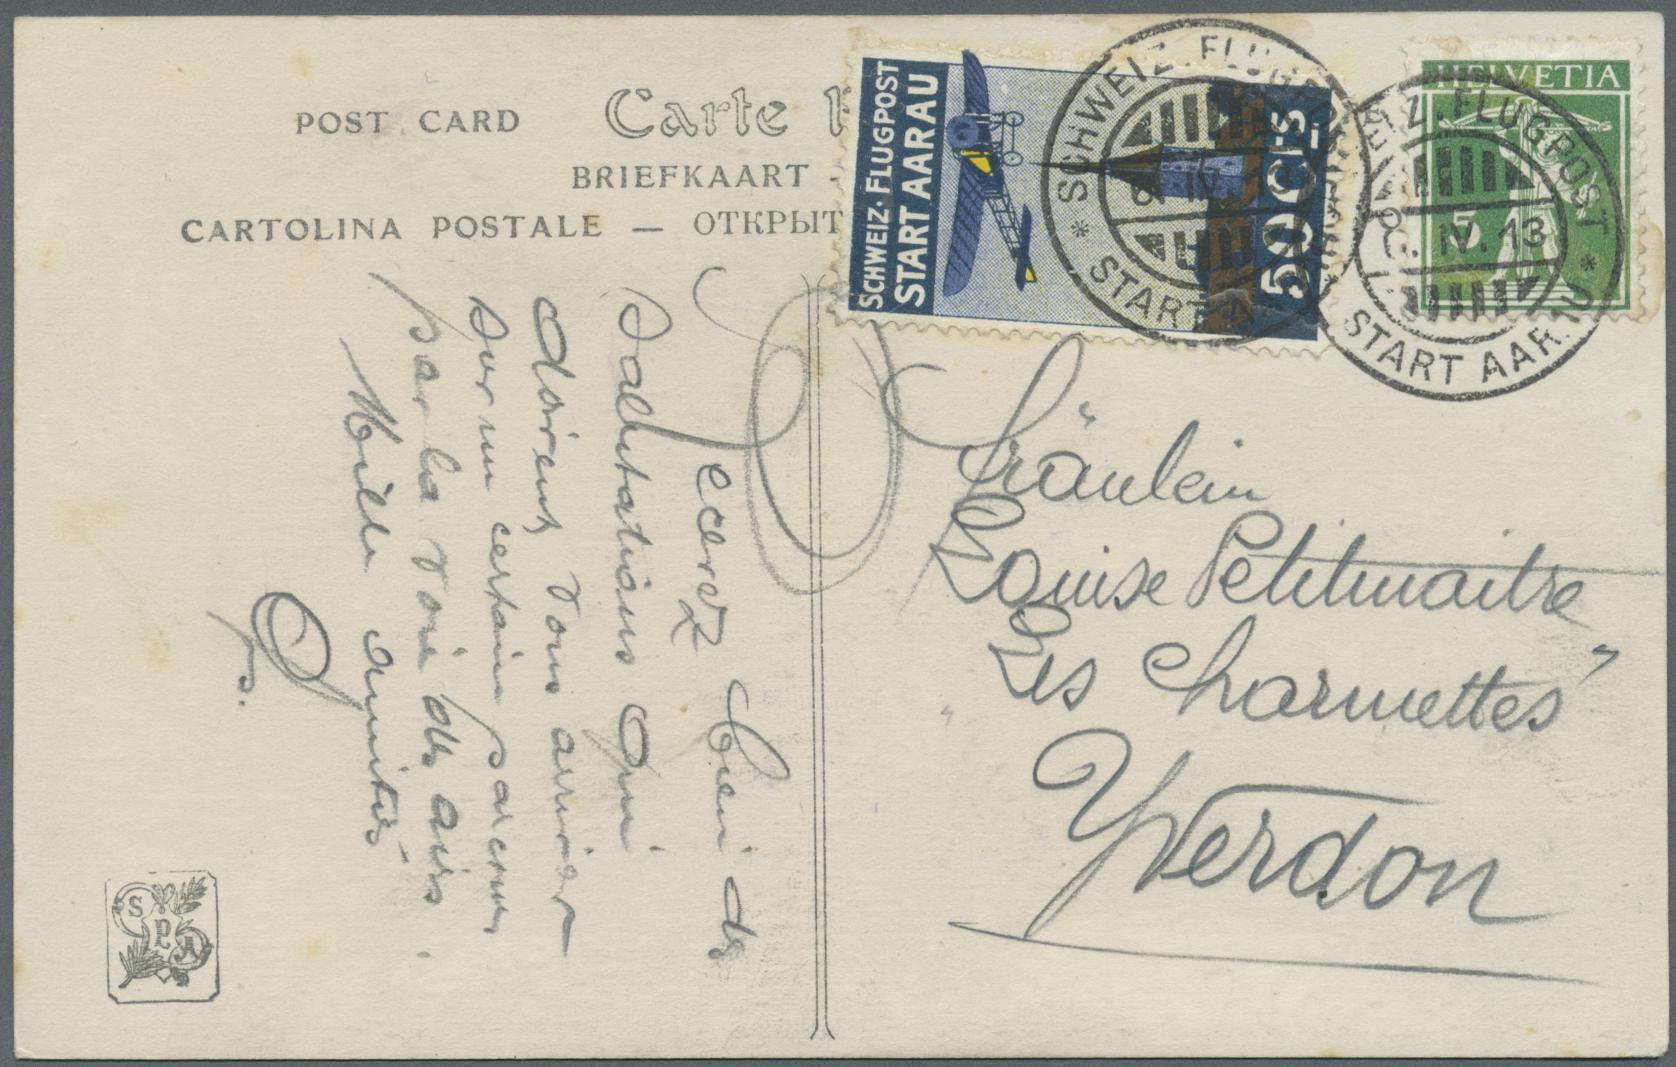 Lot 18972 - Schweiz - Halbamtliche Flugmarken  -  Auktionshaus Christoph Gärtner GmbH & Co. KG Single lots Philately Overseas & Europe. Auction #39 Day 4